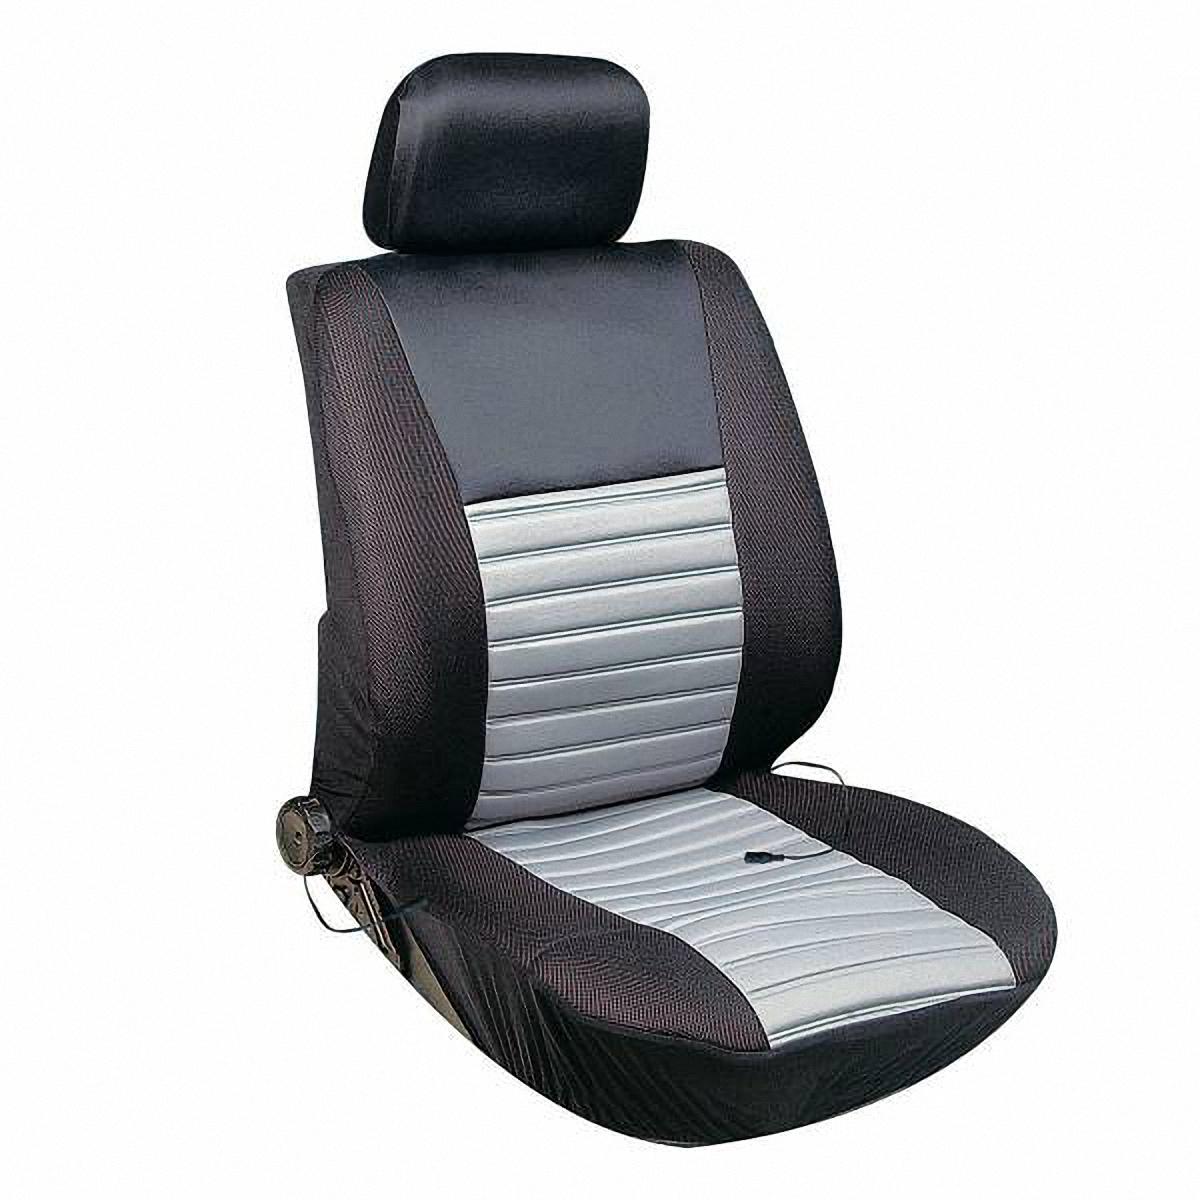 Чехол на сиденье Skyway, с подогревом. S02202004S02202004Чехол на сиденье Skyway, изготовленный из велюра, снижает усталость при управлении автомобилем и обеспечивает комфортное вождение в холодное время года. Подогрев сиденья с терморегулятором (2 режима). В качестве теплоносителя применяется углеродный материал. Такой нагреватель обладает феноменальной гибкостью и прочностью на разрыв в отличие от аналогов, изготовленных из медного или иного металлического провода. Устройство подключается к прикуривателю на 12V. Размер чехла: 116 х 56 см.